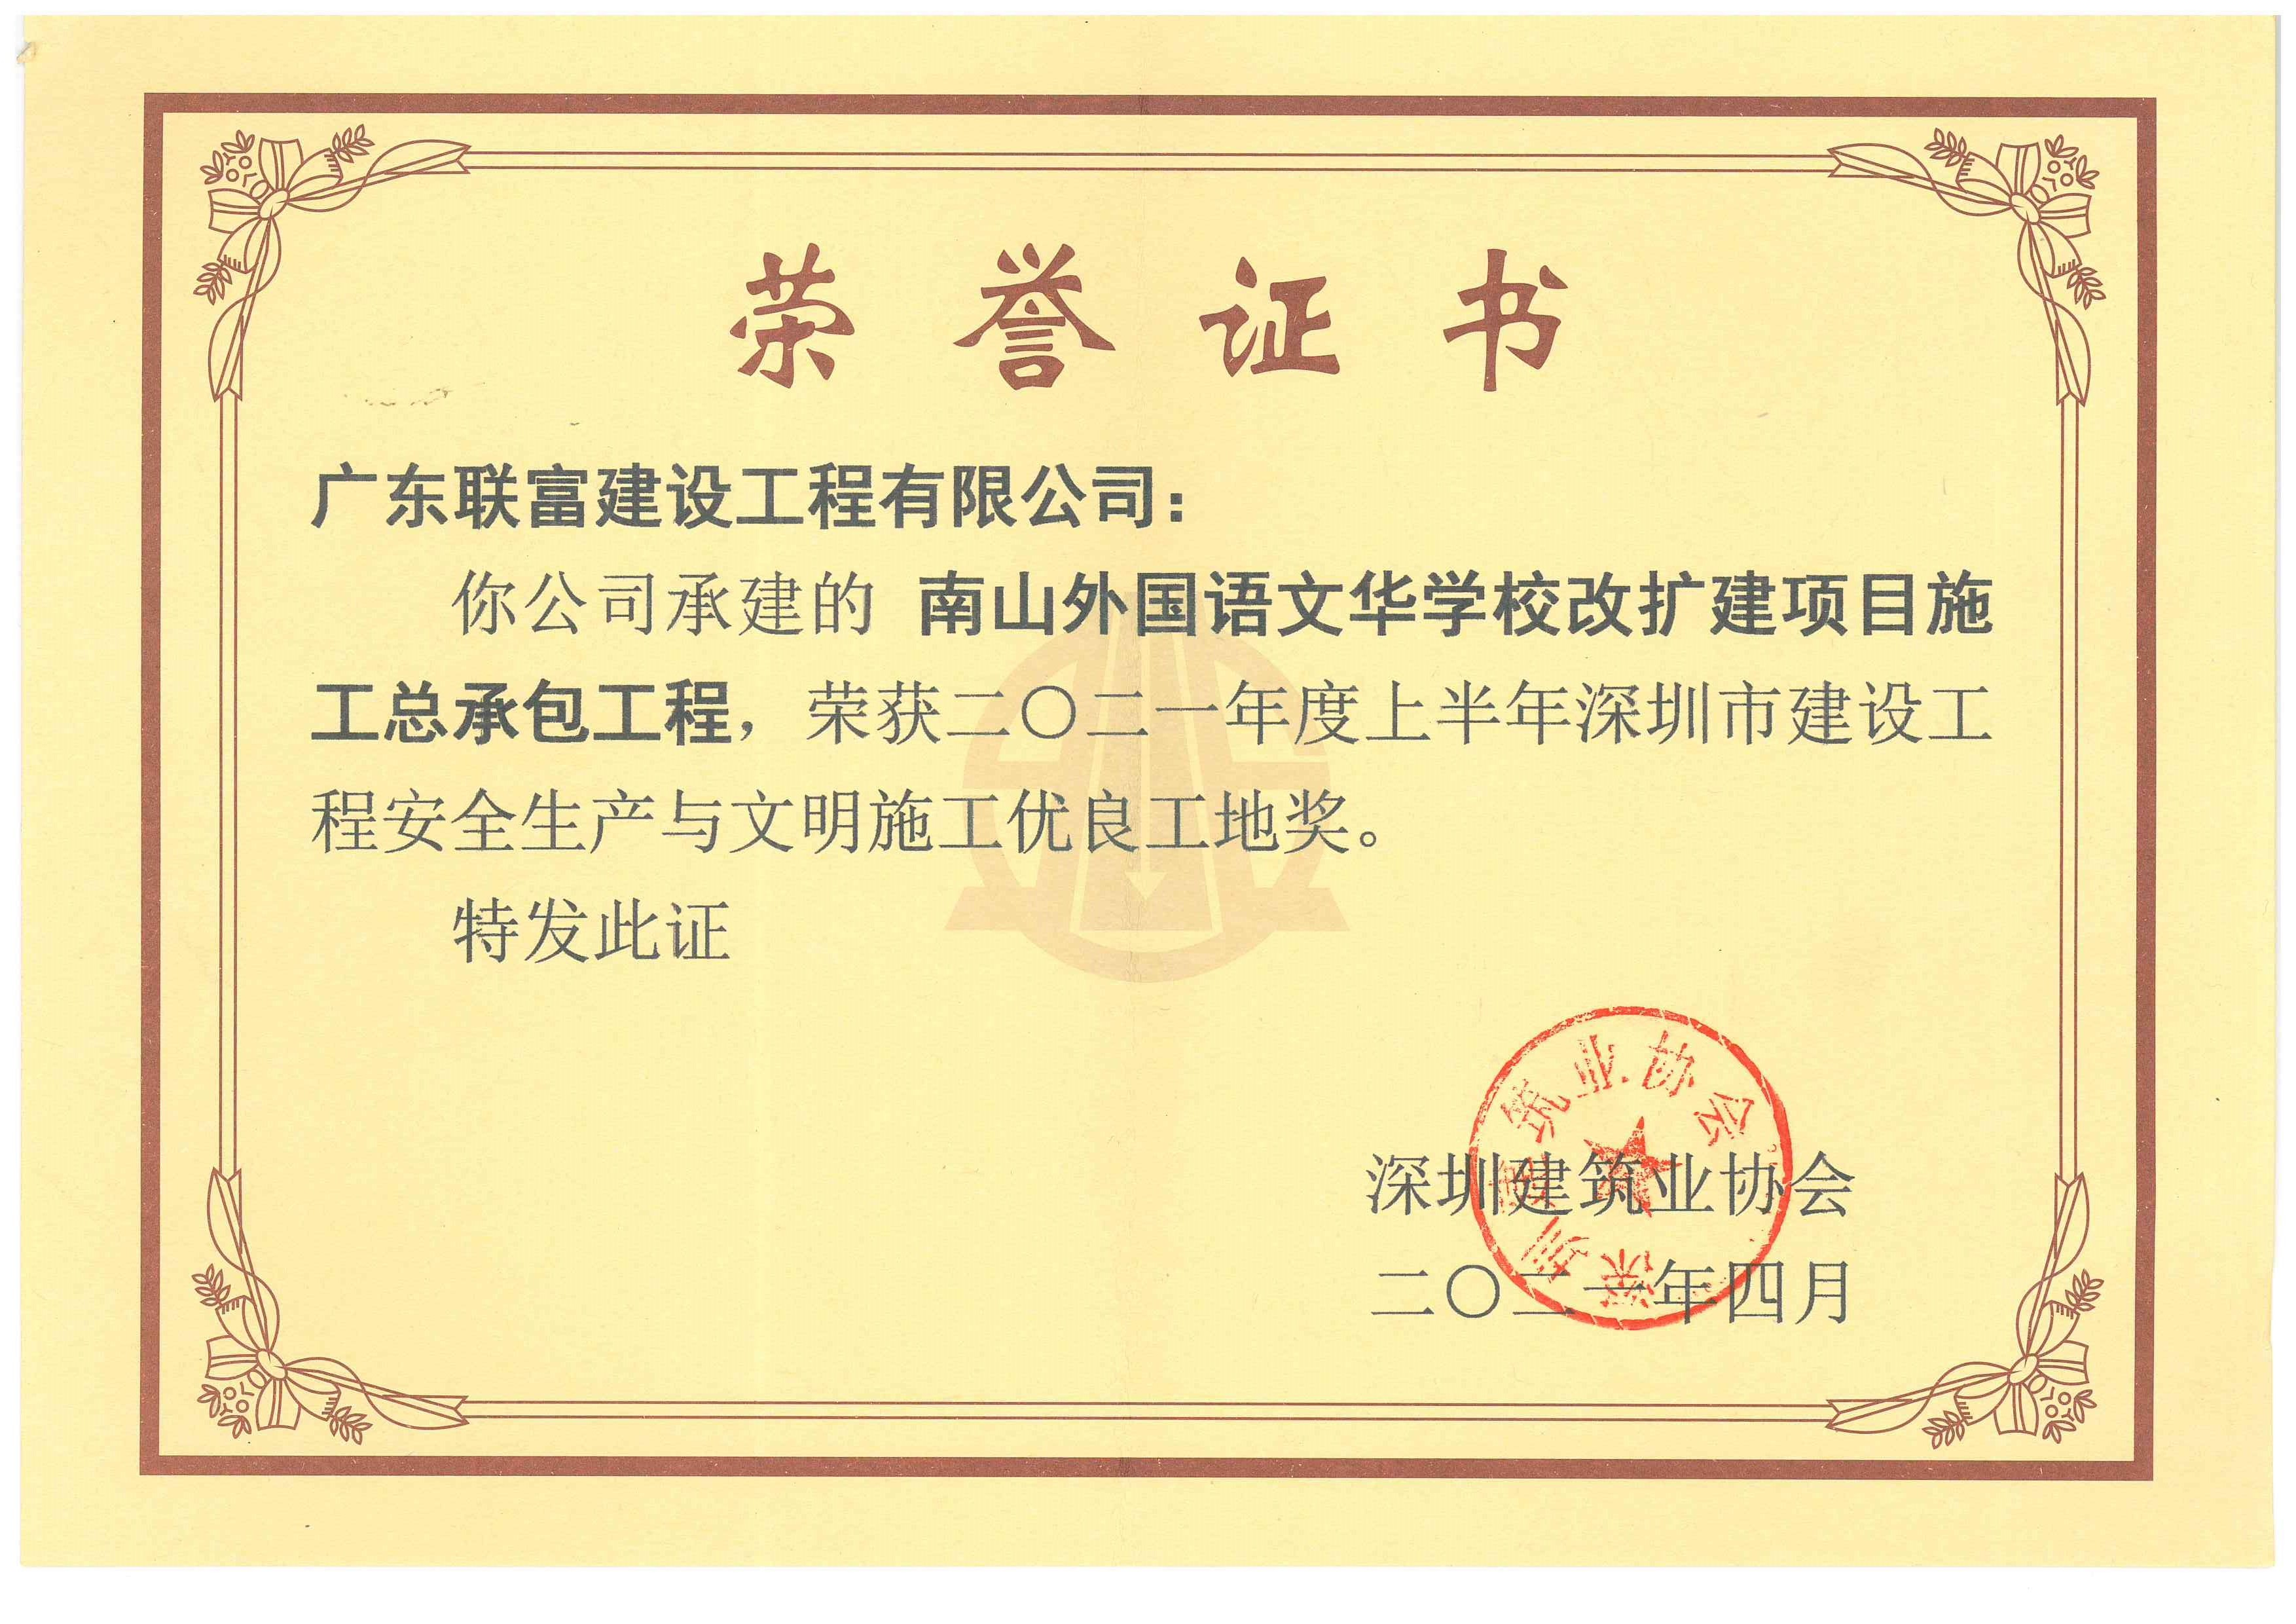 2021文華項目獲獎市雙優證書